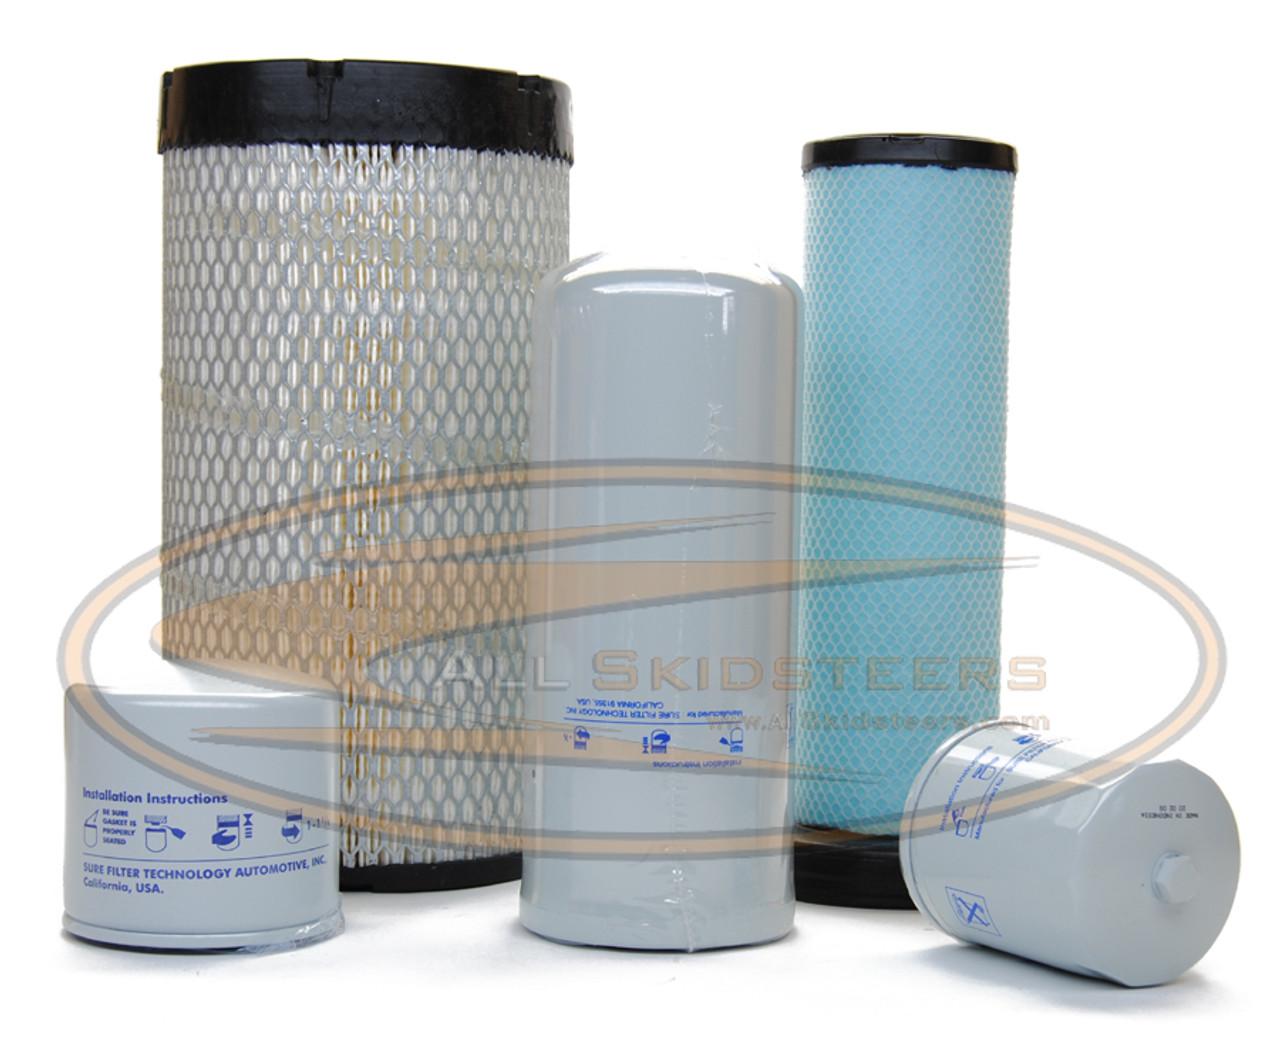 Filter Maintenance Kit for Bobcat® Skid Steer S220 S250 S300 T300 T320 A300  - AK- 6698058HF